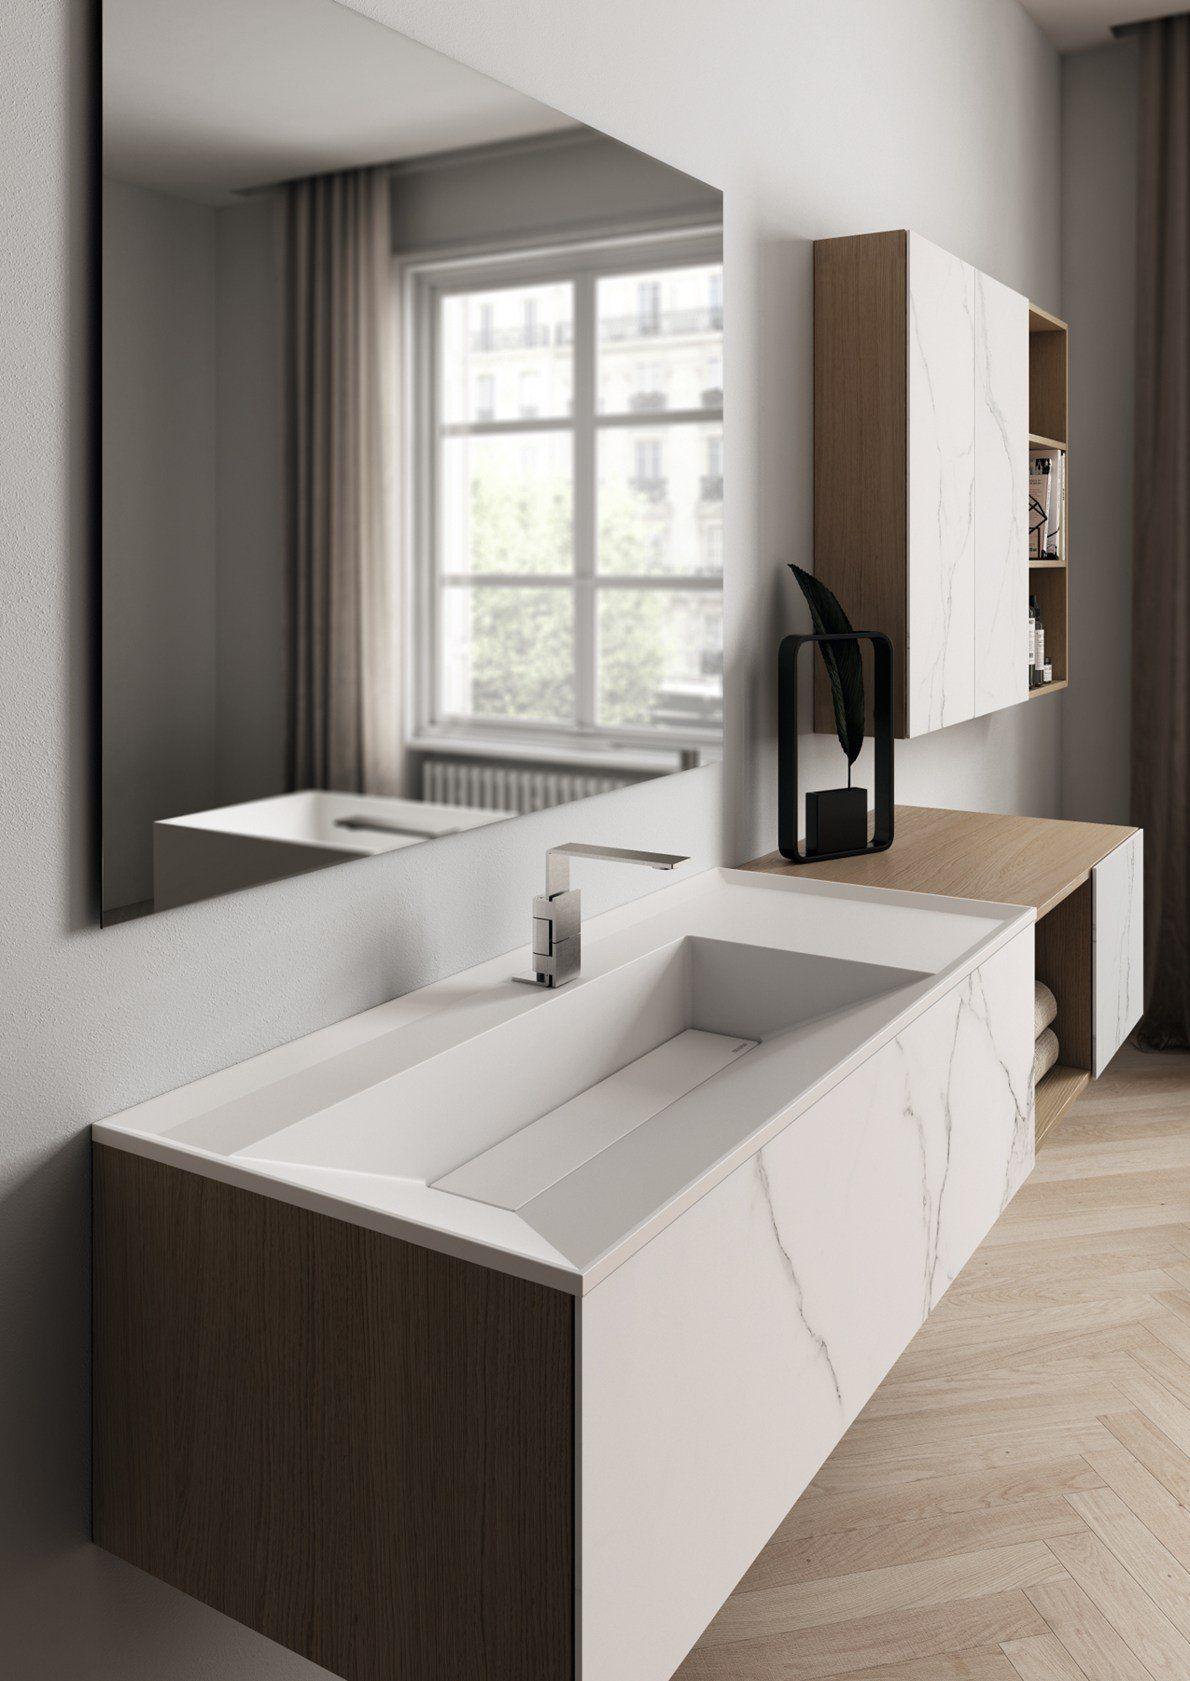 Bagno minimal d 39 ispirazione industriale - Arredo bagno marmo ...